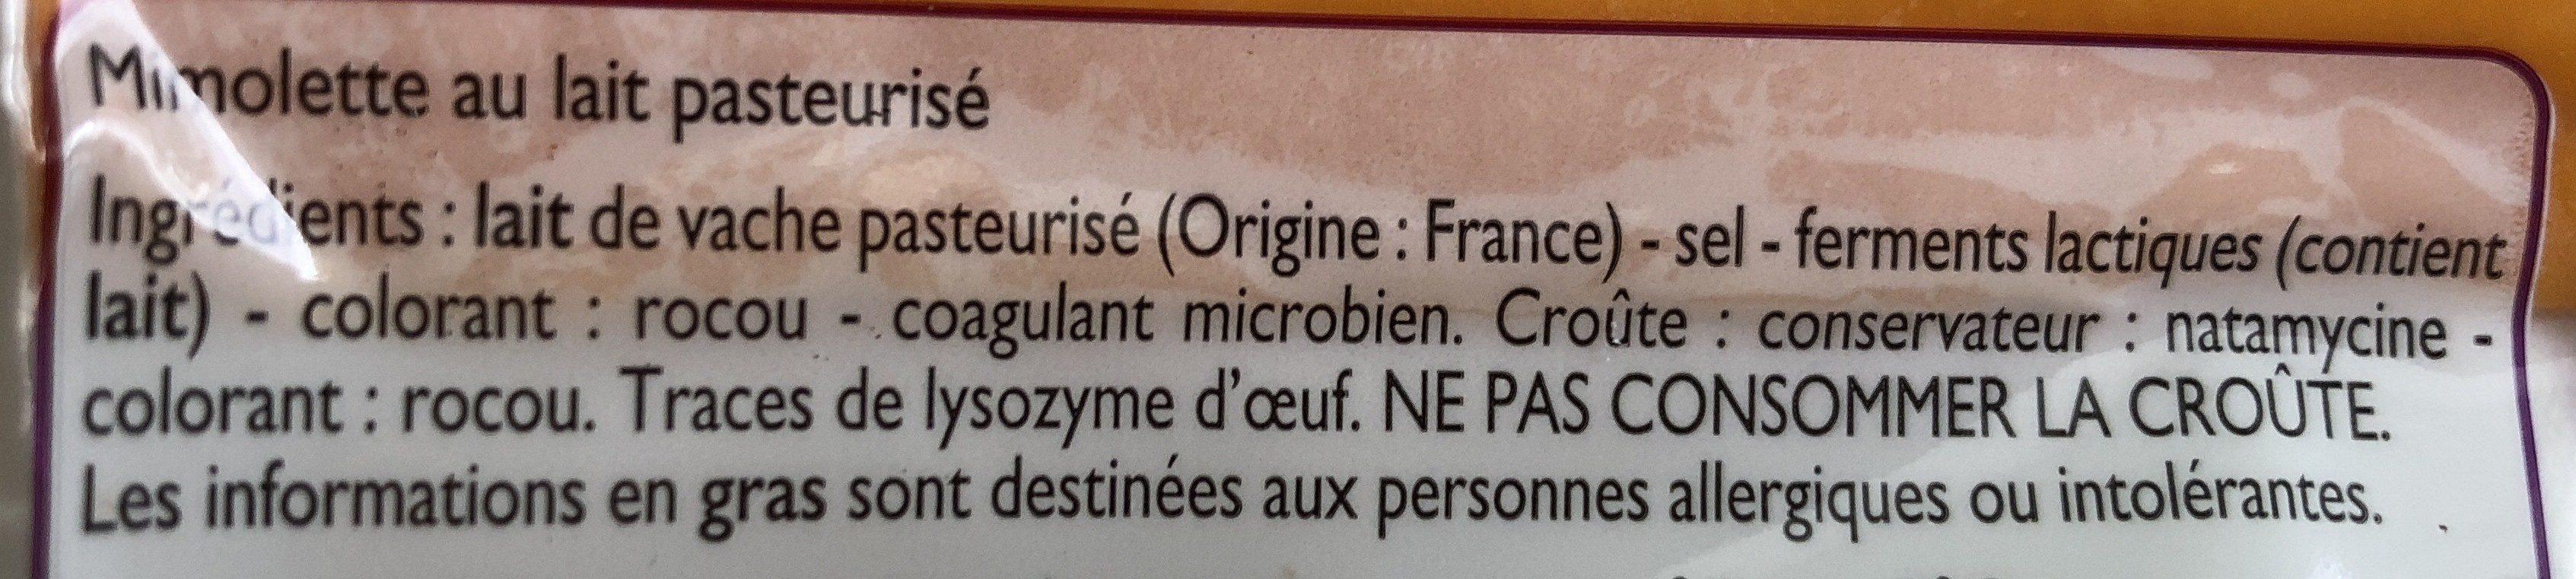 Mimolette au lait pasteurisé - Ingredienti - fr